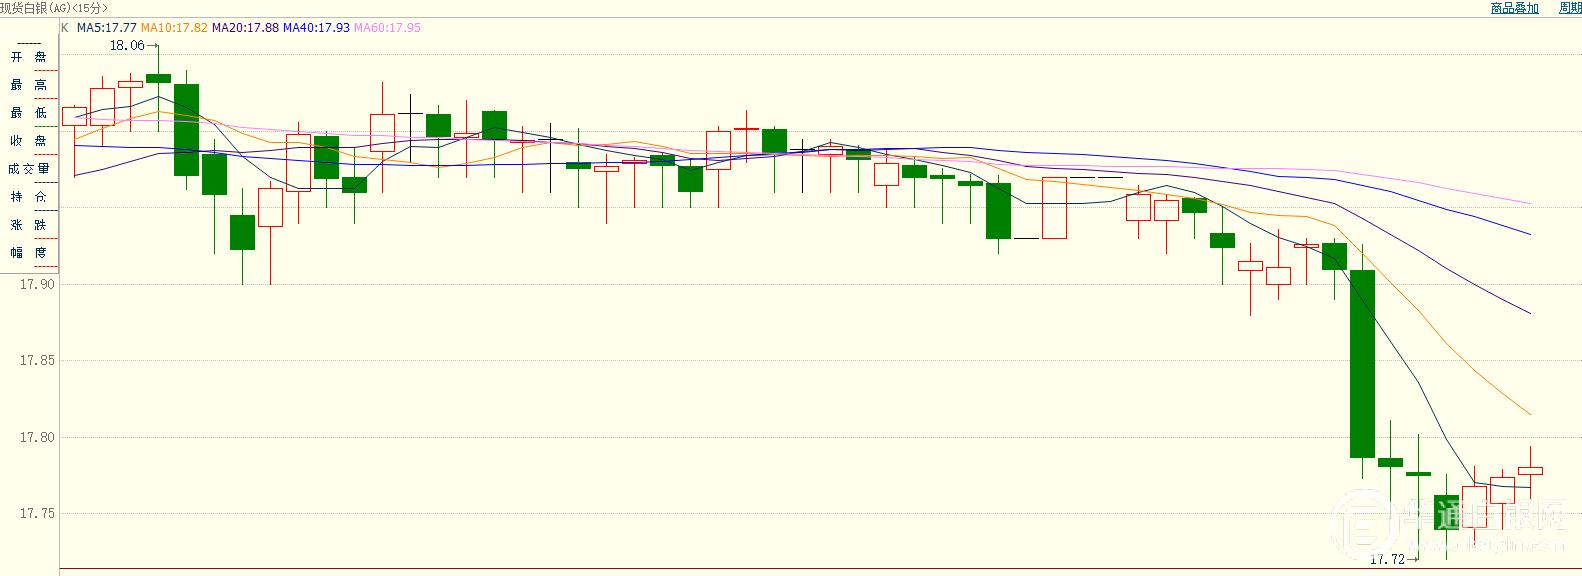 国际贸易形势向好,避险情绪降温,白银走跌